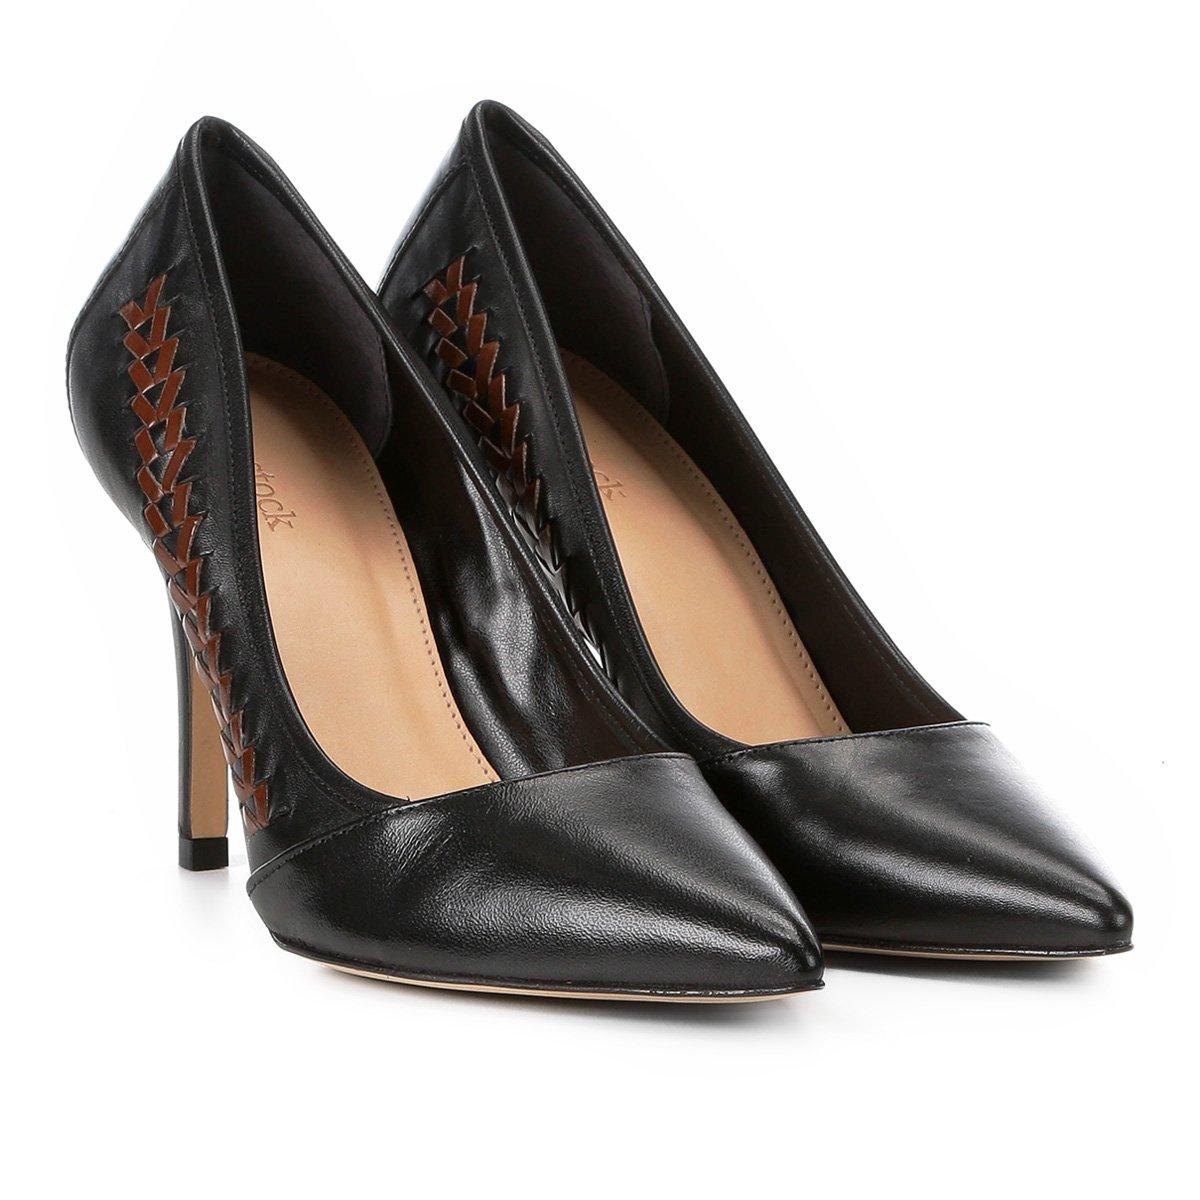 a7d6a8ca42918 Scarpin Couro Shoestock Salto Alto Handmade | Shoestock